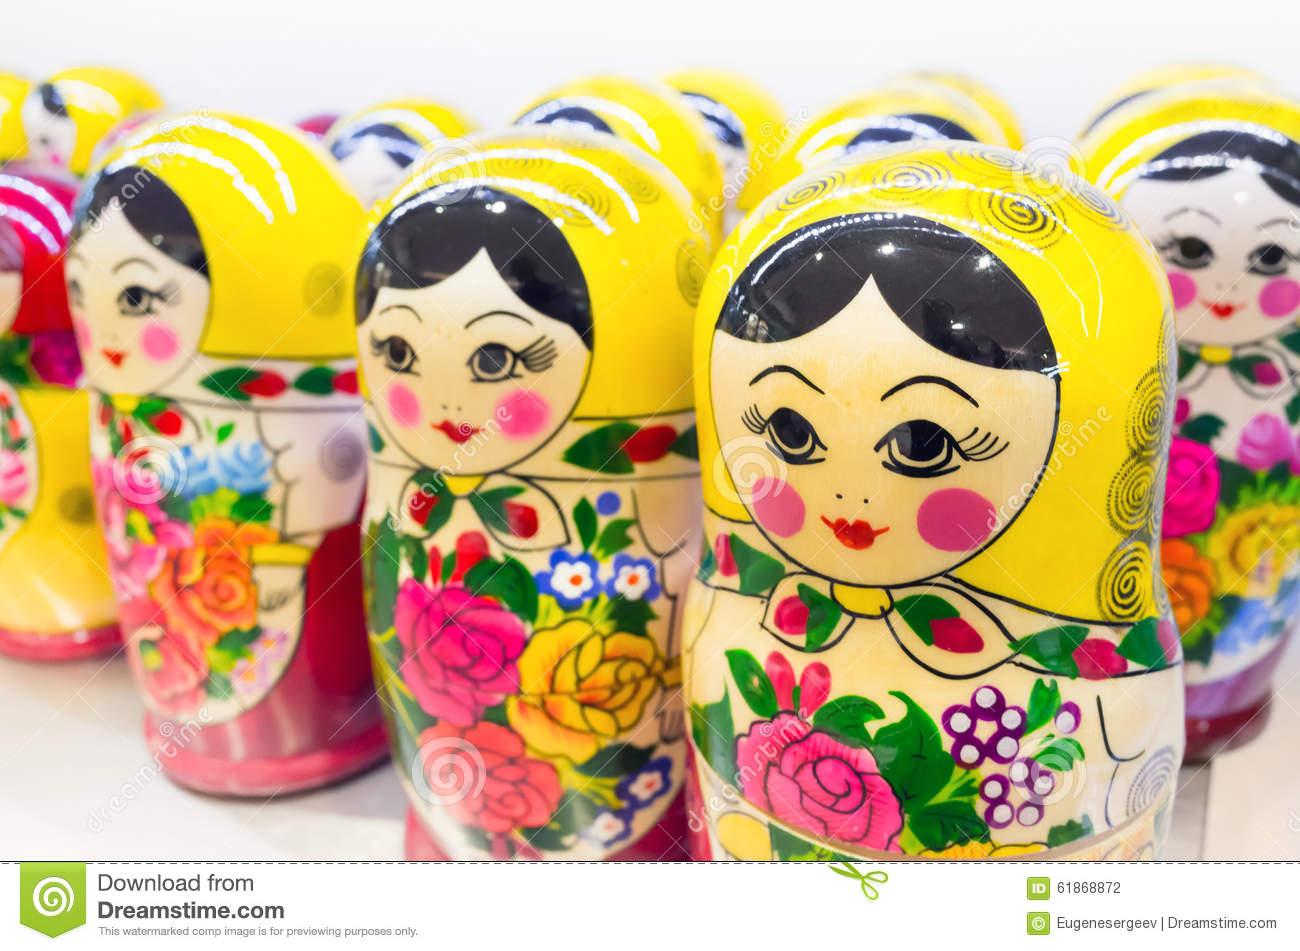 Matryoshka Également Connu Sous Le Nom De Poupées Russes D pour Nom Poupée Russe